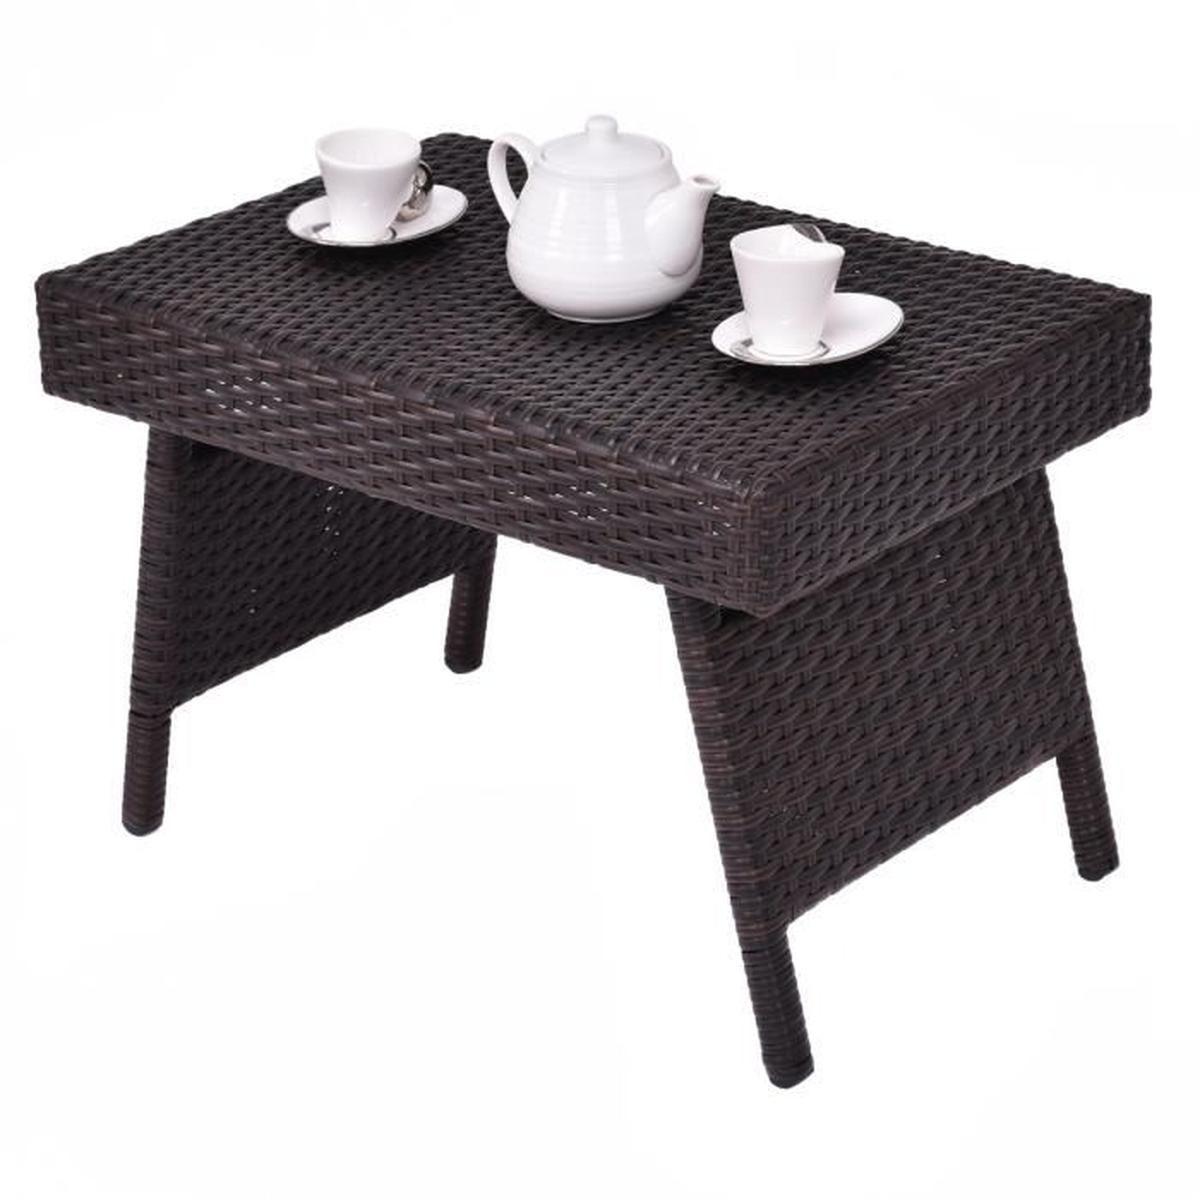 Table Basse De Table Thé Table Pliante Table En Osier Jardin ... avec Table Basse De Jardin Pliante